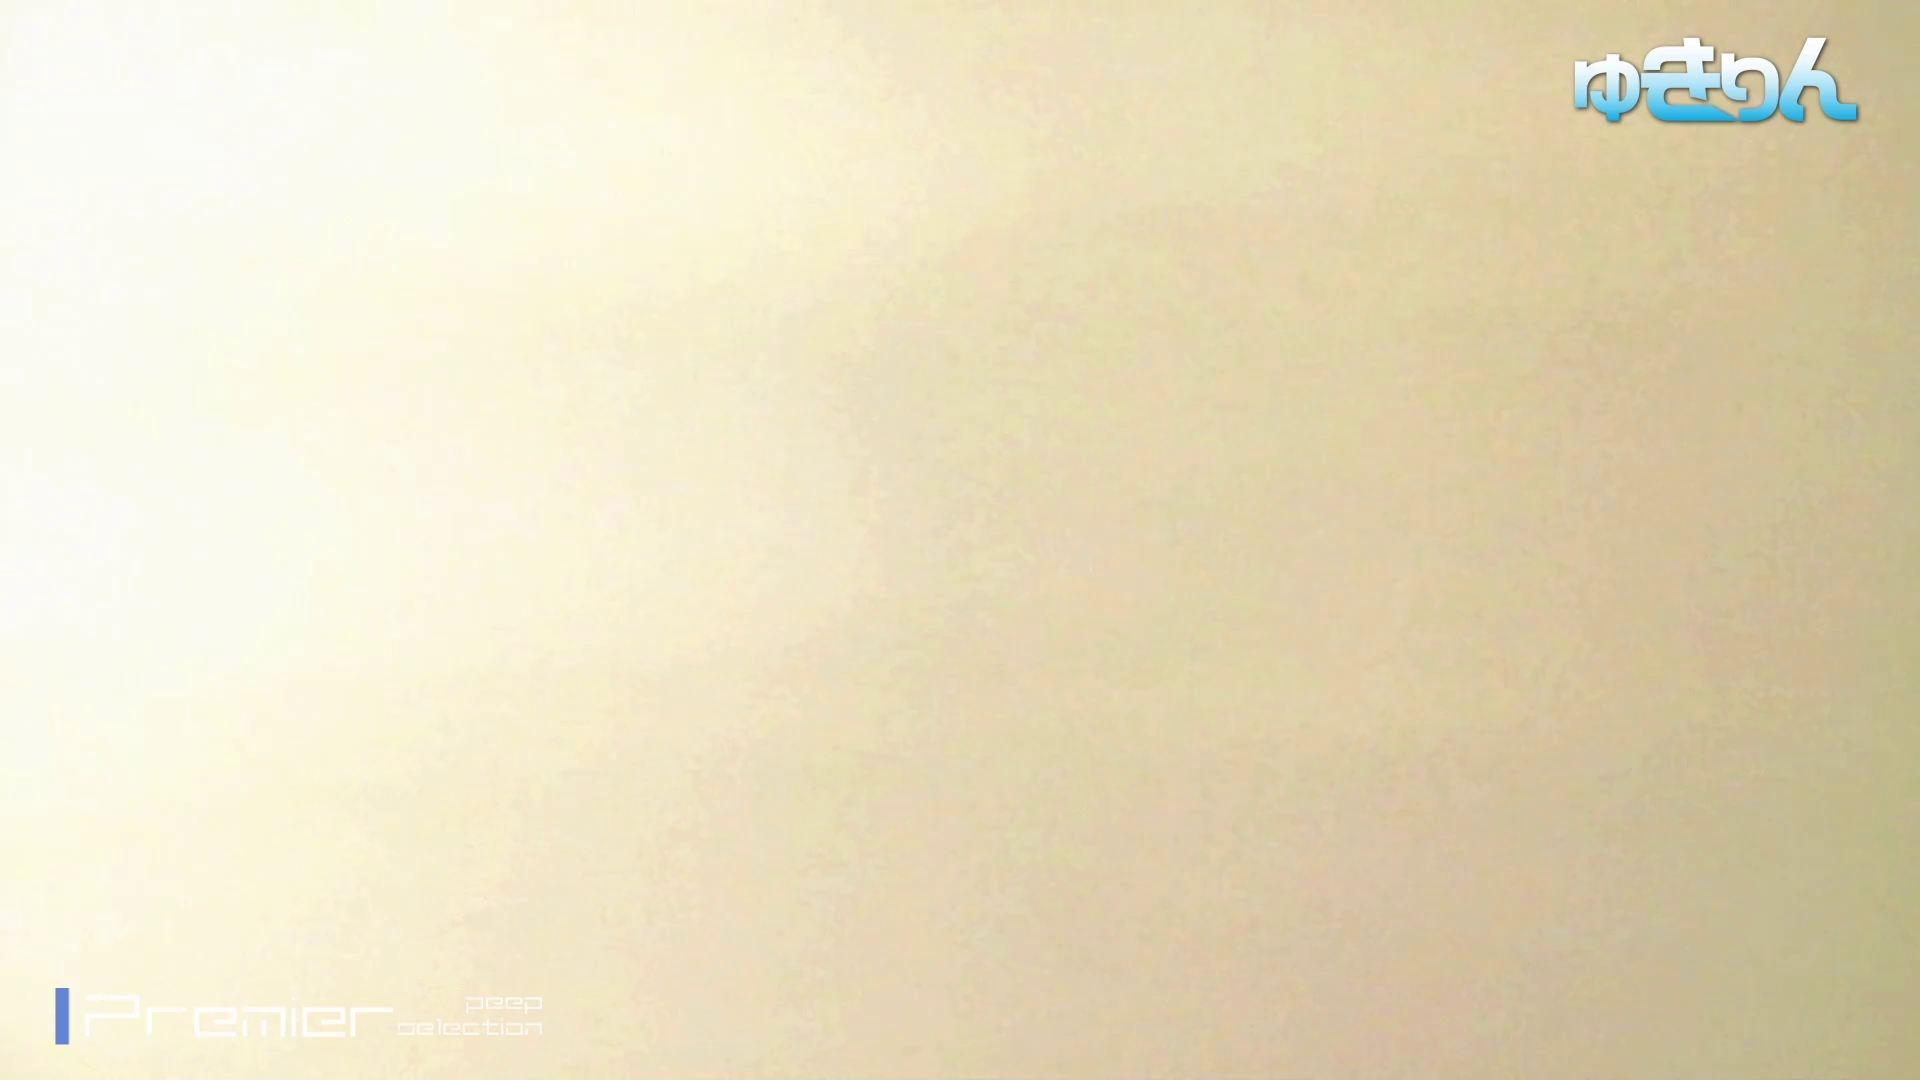 新世界の射窓 No95 盗撮 ぱこり動画紹介 86PIX 75